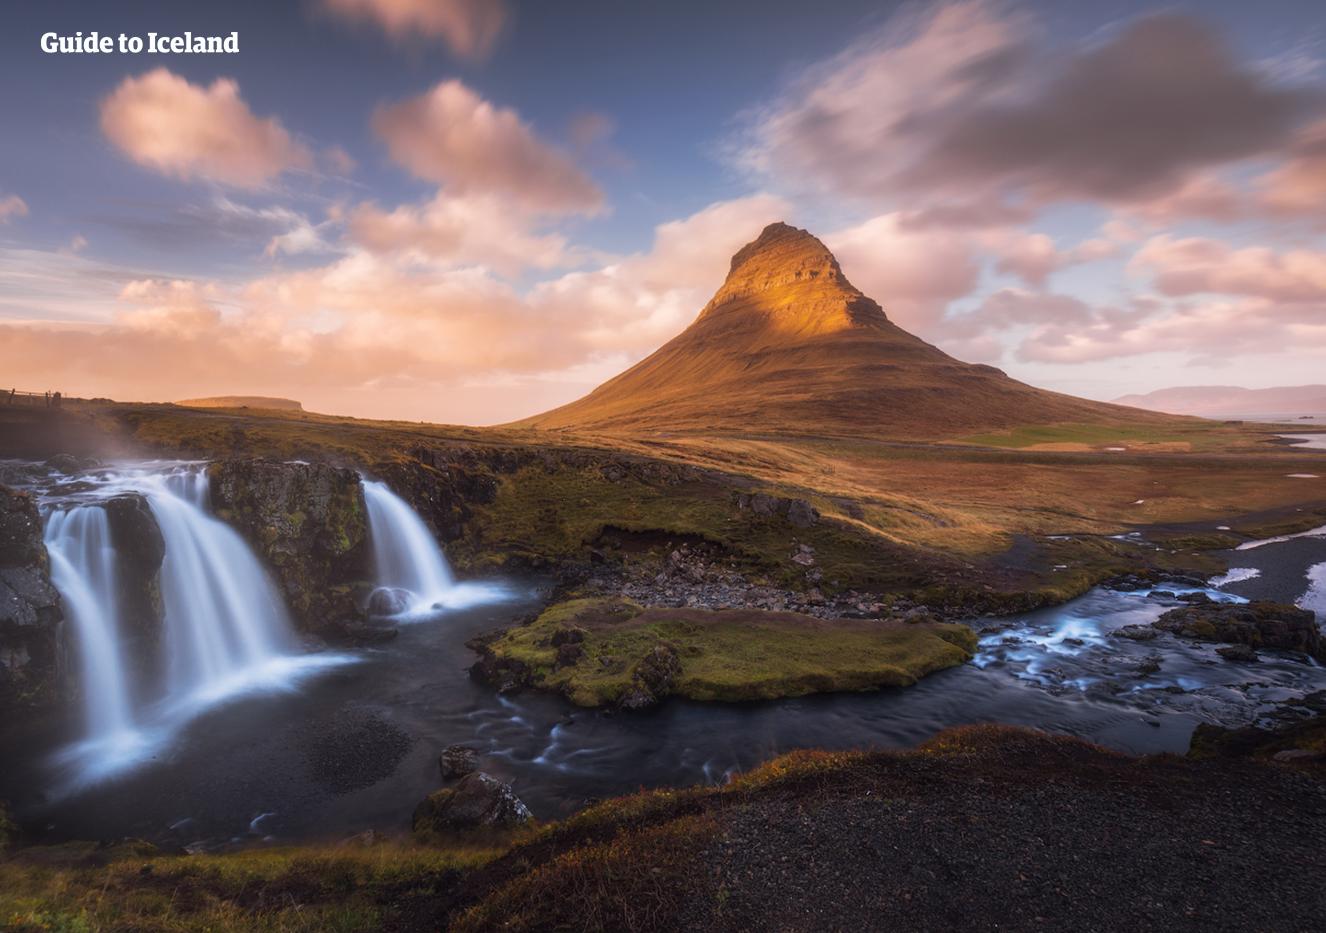 Na północnym brzegu półwyspu Snæfellsnes goście mogą znaleźć górę Kirkjufell, popularne miejsce dla turystów i doświadczonych wspinaczy.